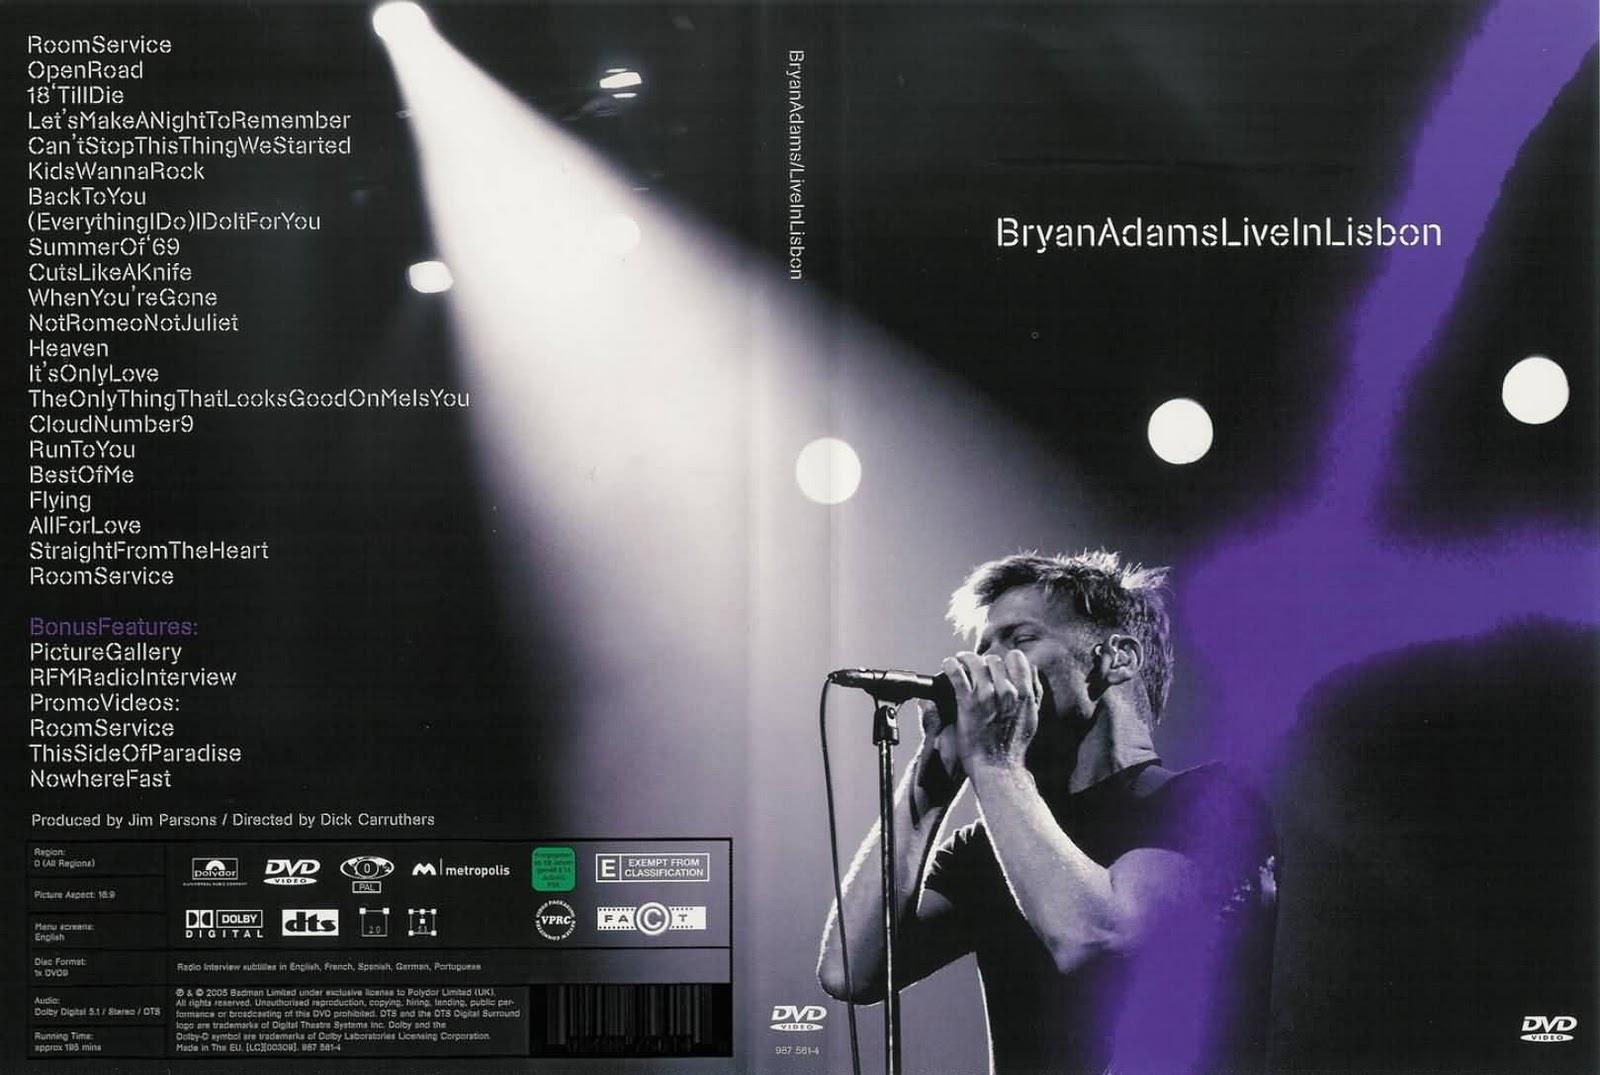 De volta para o passado bryan adams live in lisbon 2005 - Bryan adams room service live in lisbon ...